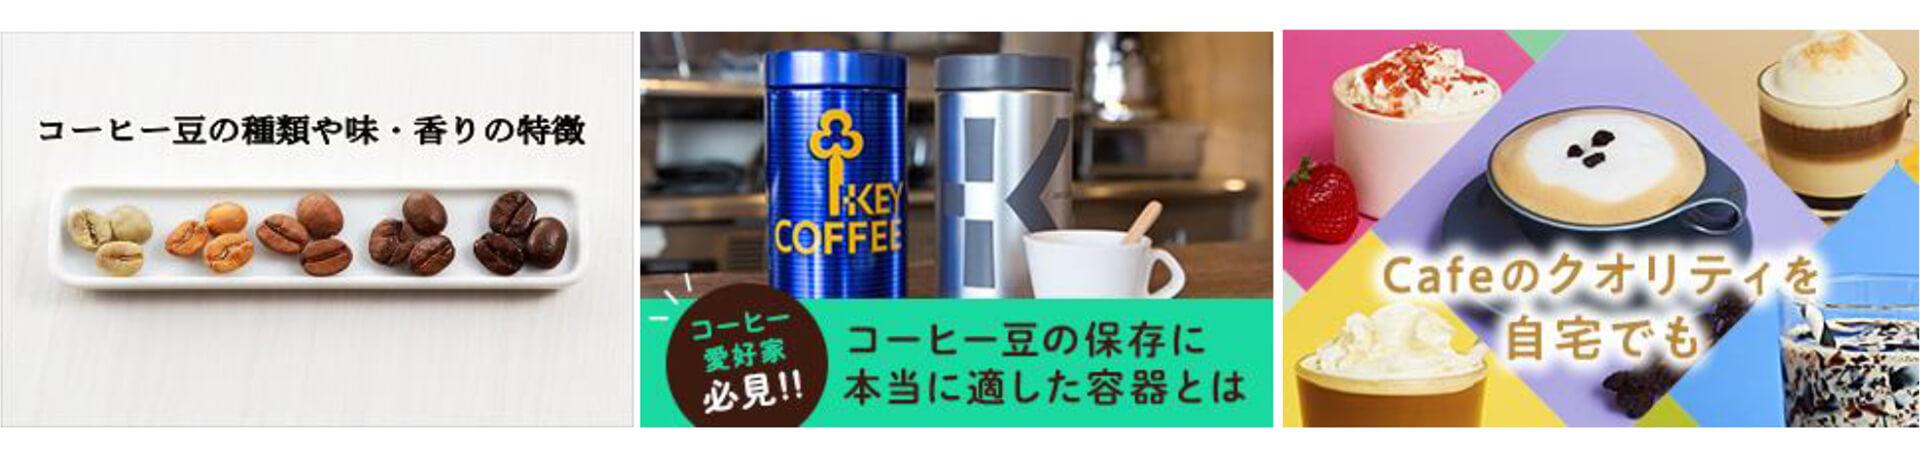 おうちカフェKEY ・特集記事イメージ